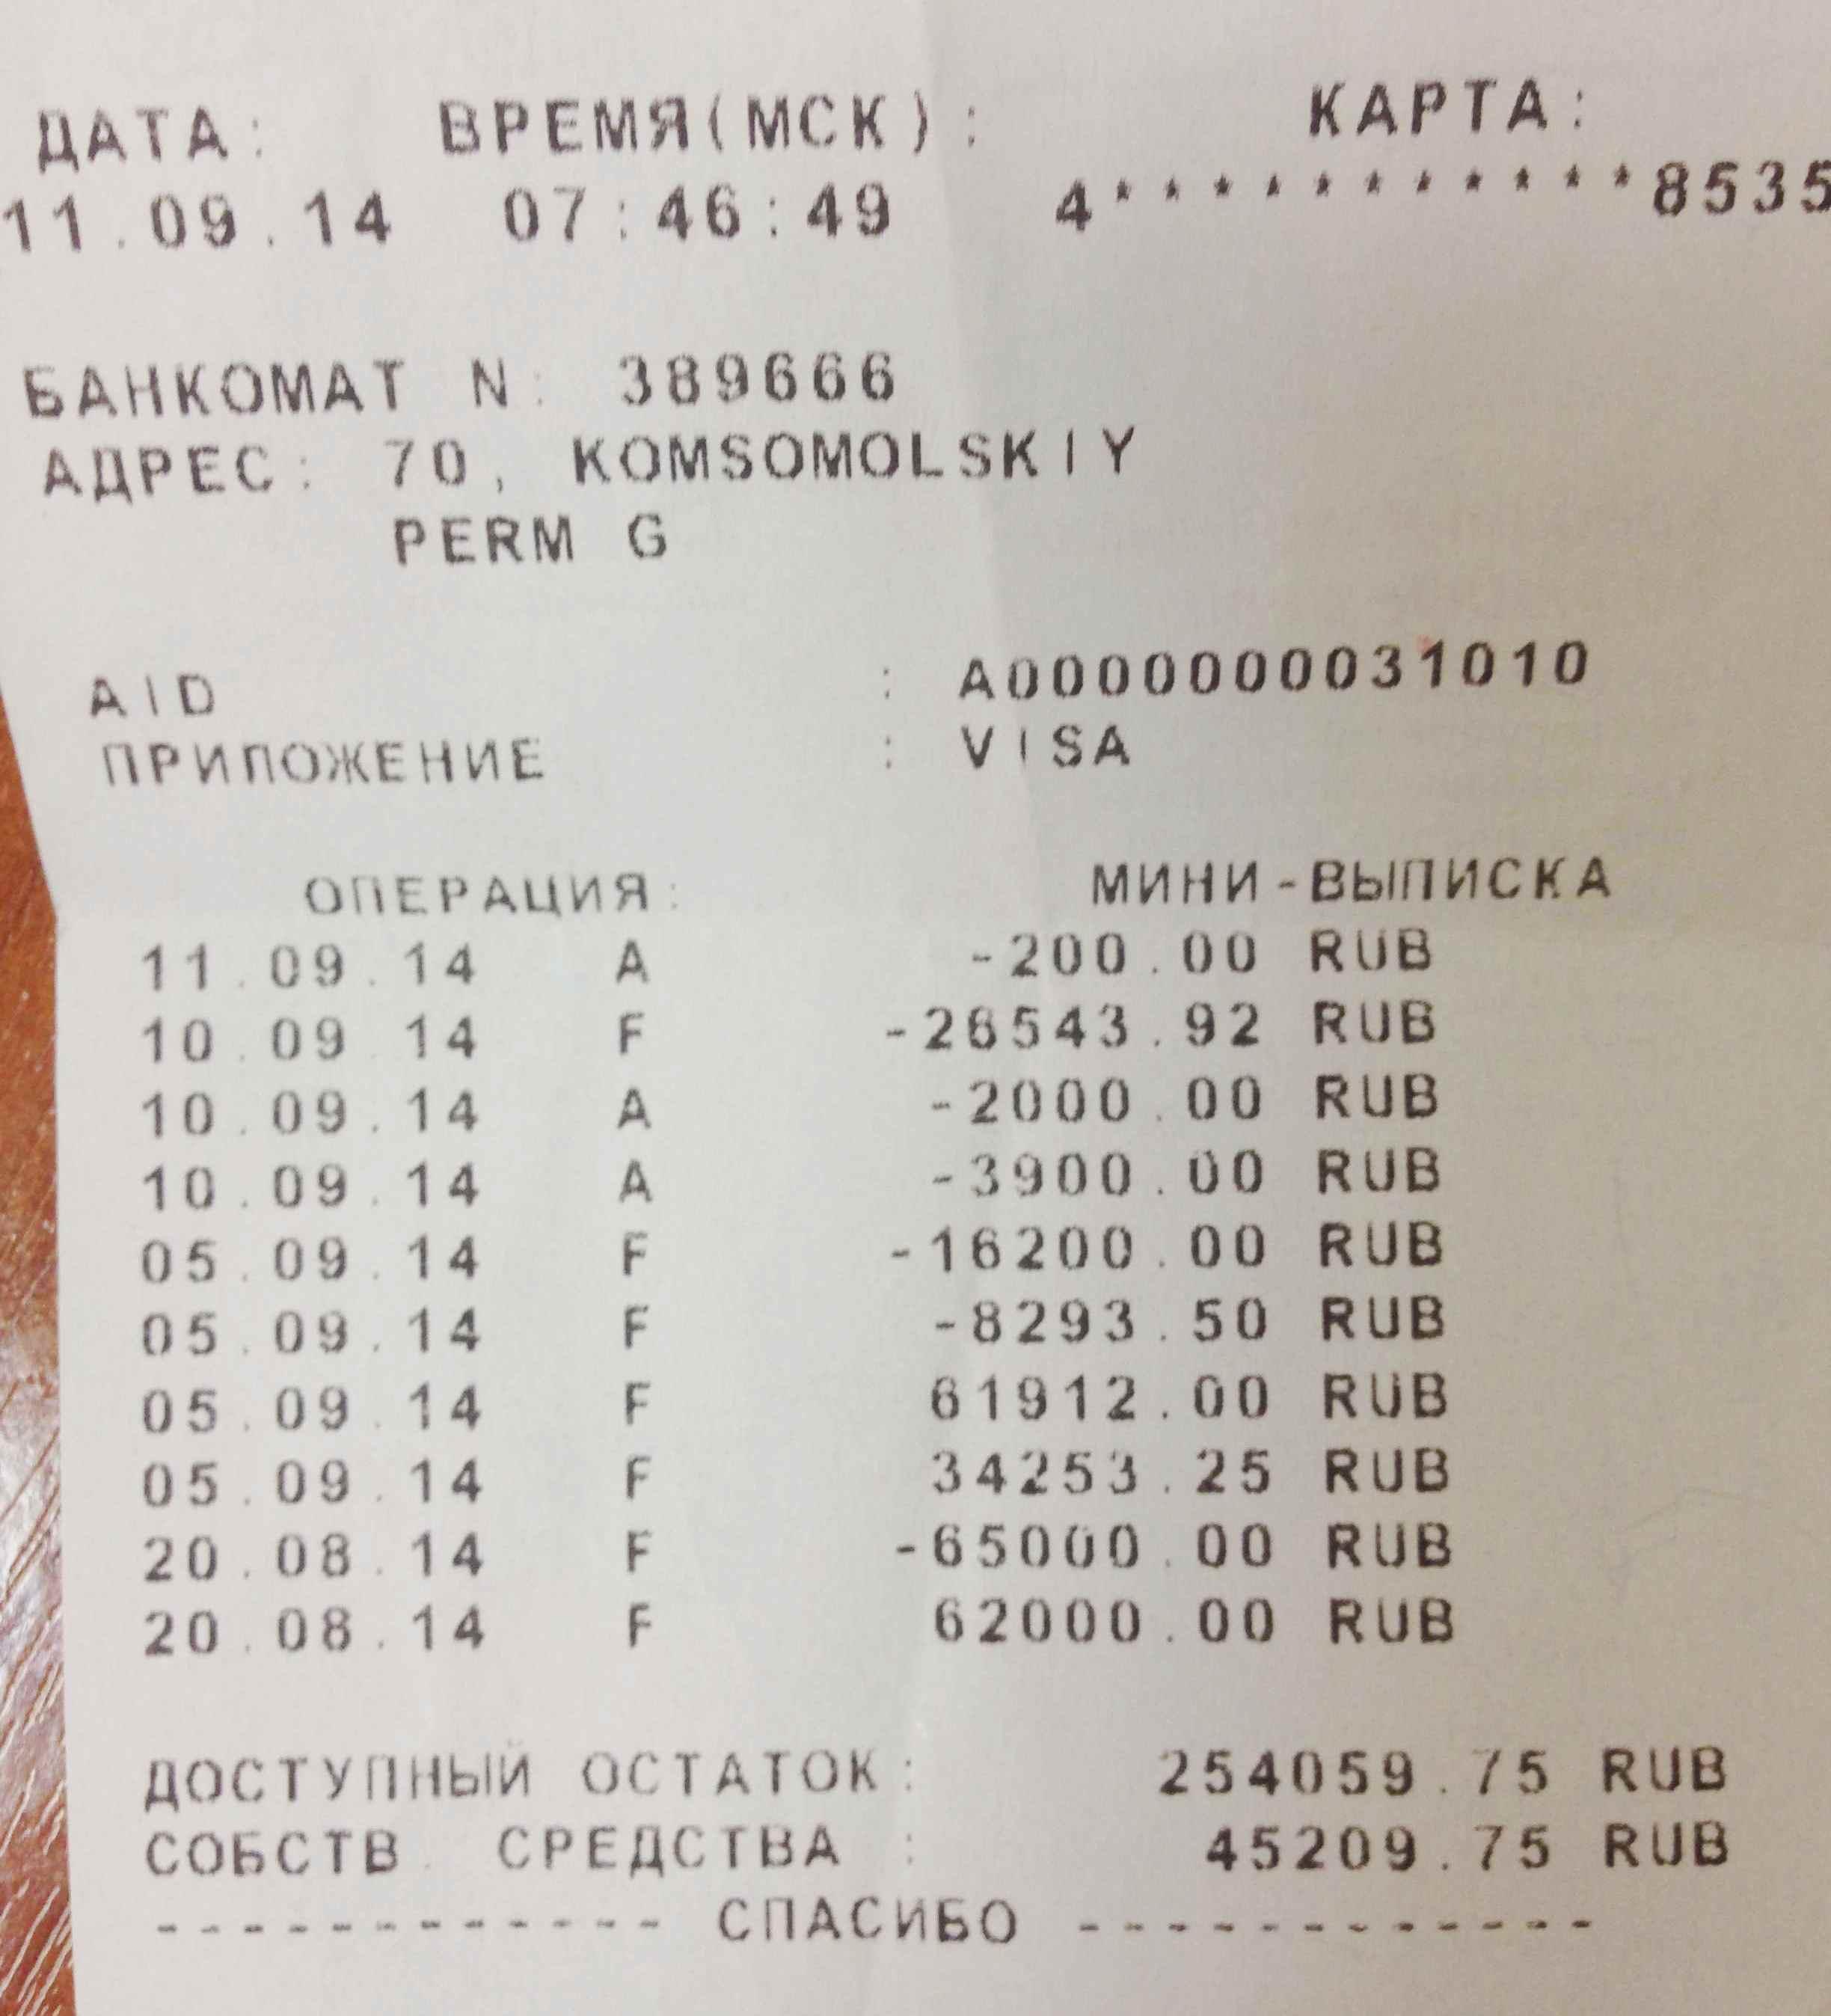 Выписка через банкомат Сбербанка